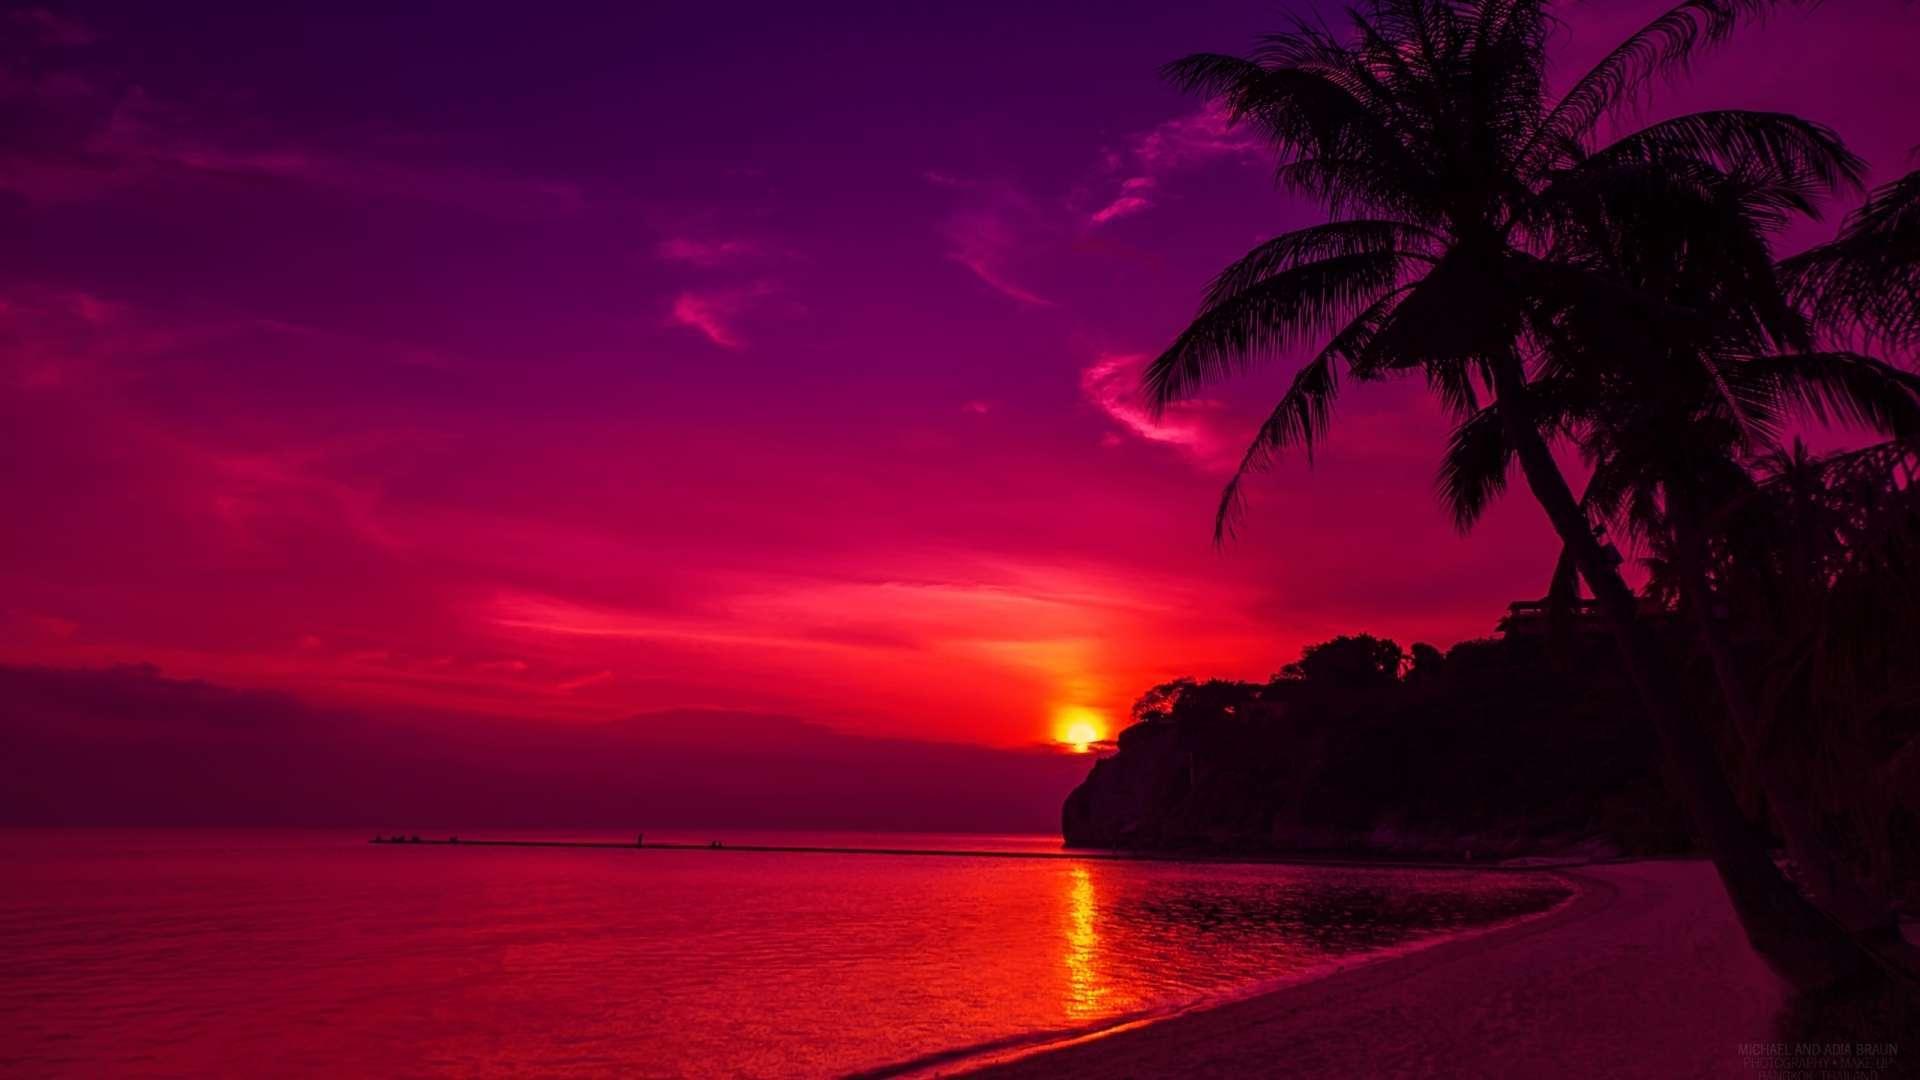 palm tree HD Sunset Wallpaper